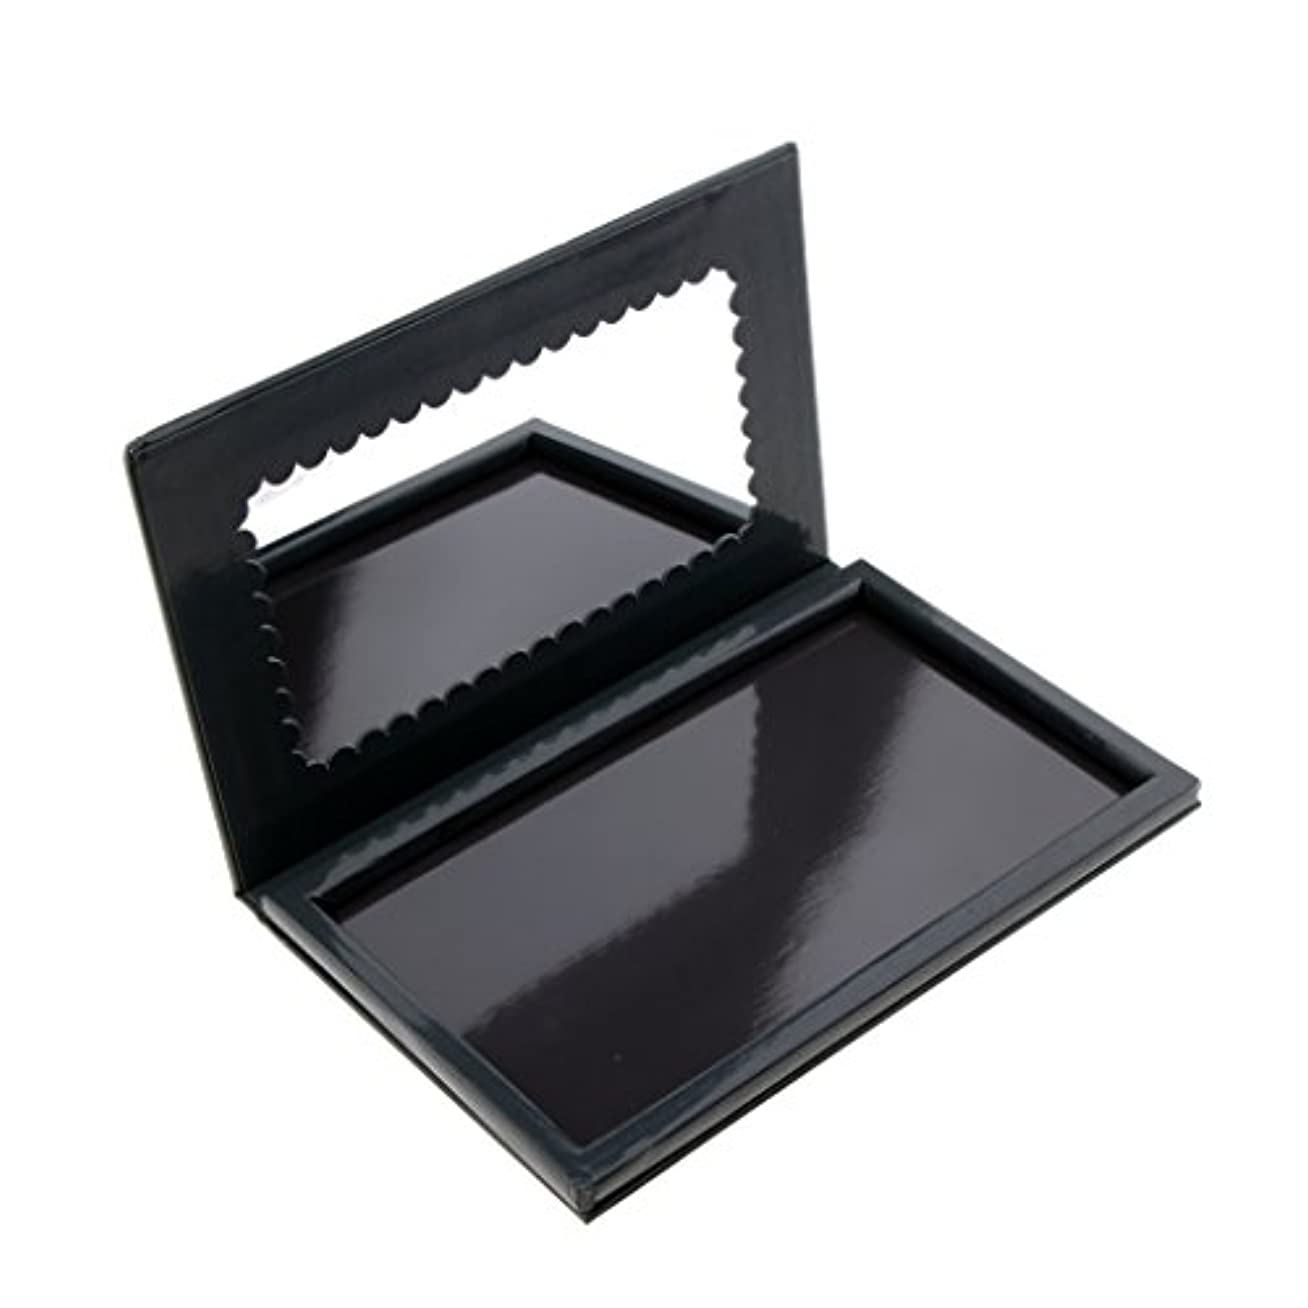 尊敬する地獄フルーツ野菜メイクアップパレット 磁気パレット コスメ 詰替え DIY 収納 ボックス メイクアップ